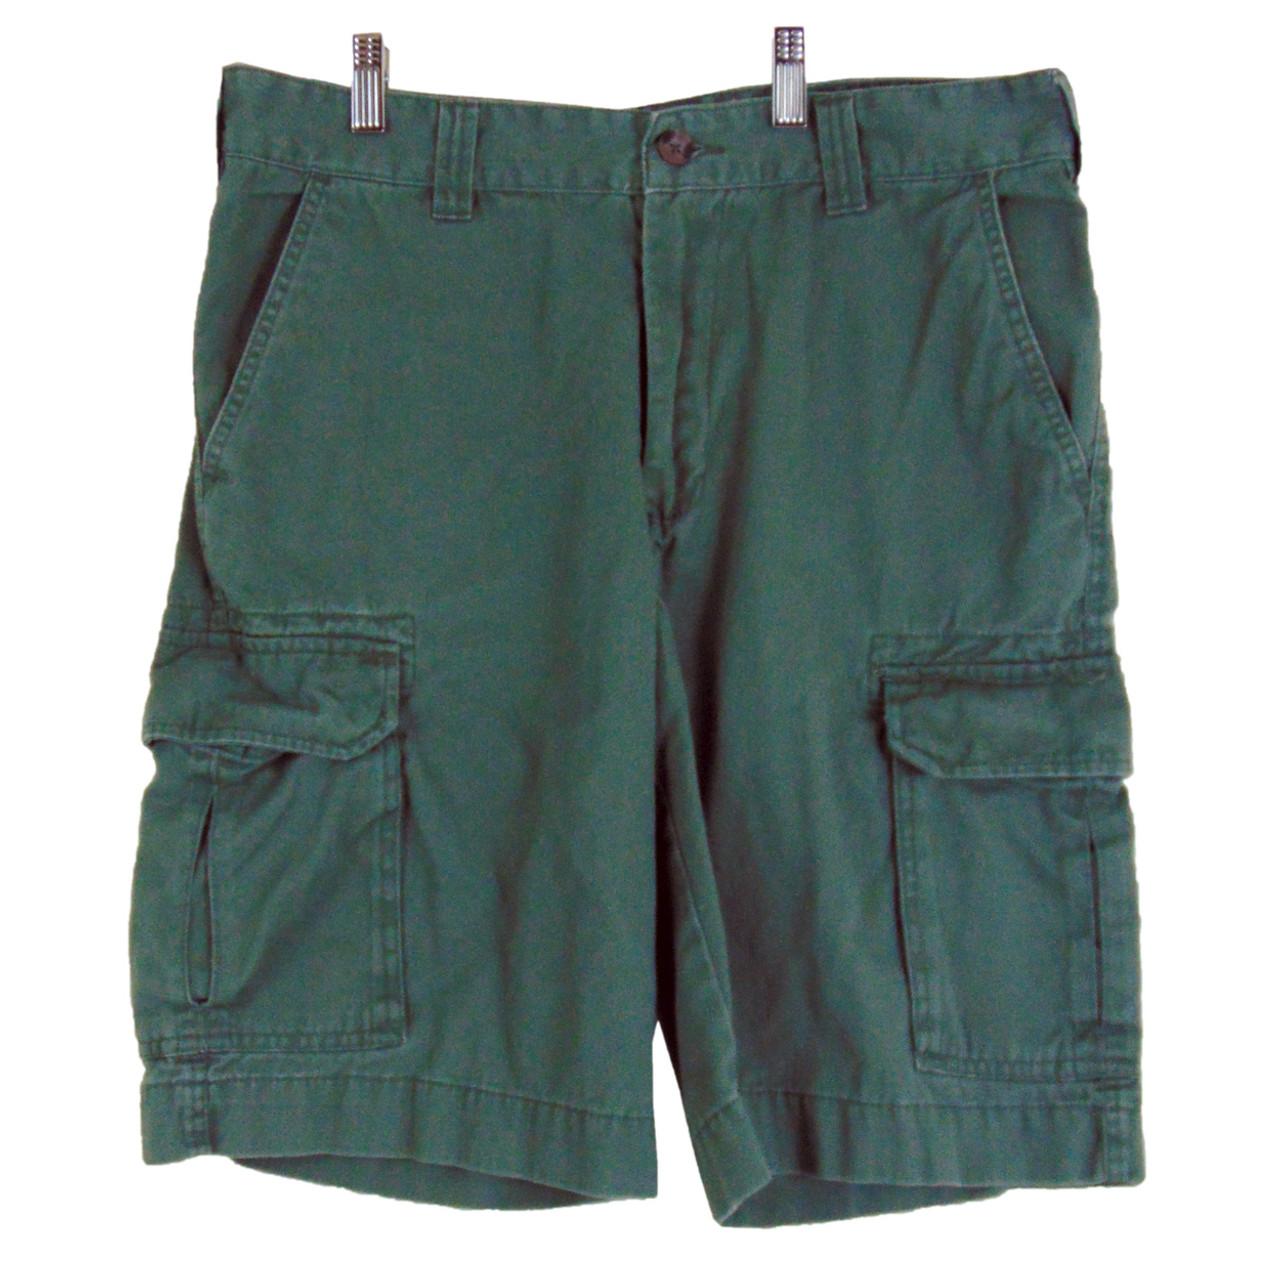 c2af9ffb14 Men's - Boys Merona Green Cargo Shorts - Size 32